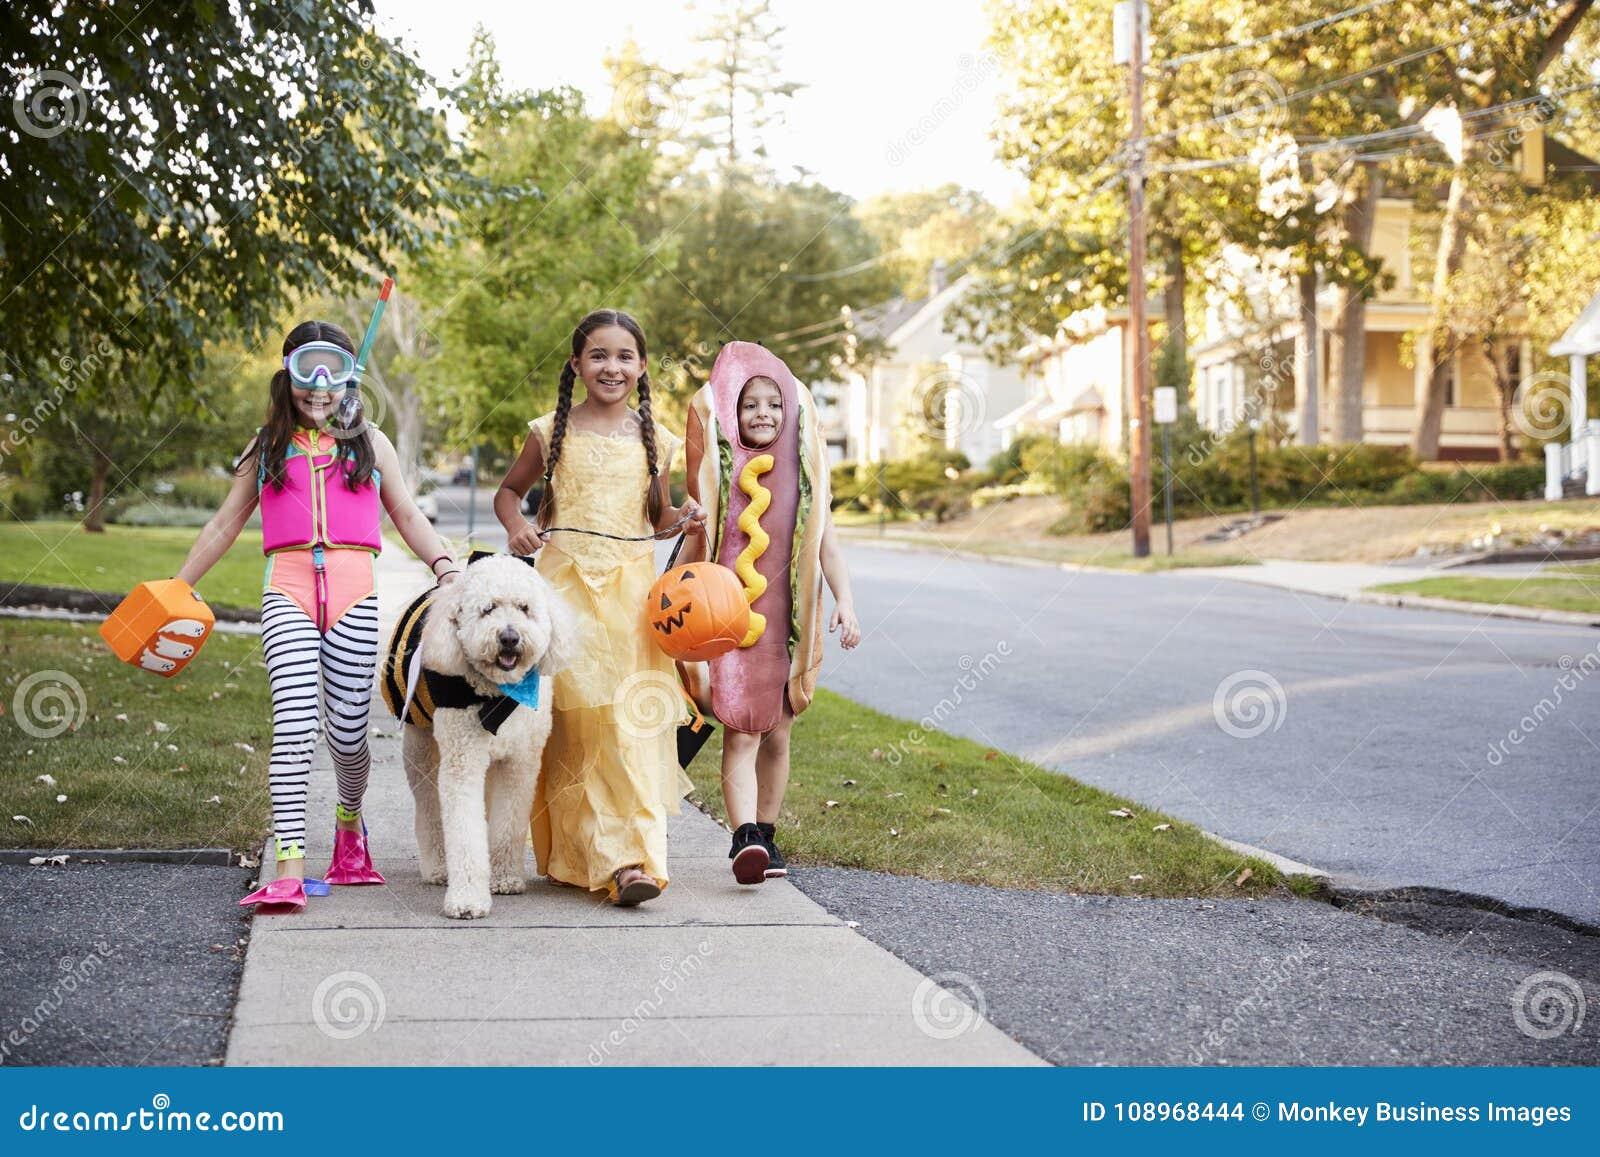 Kinder und Hund in Halloween-Kostümen für Trick oder die Behandlung